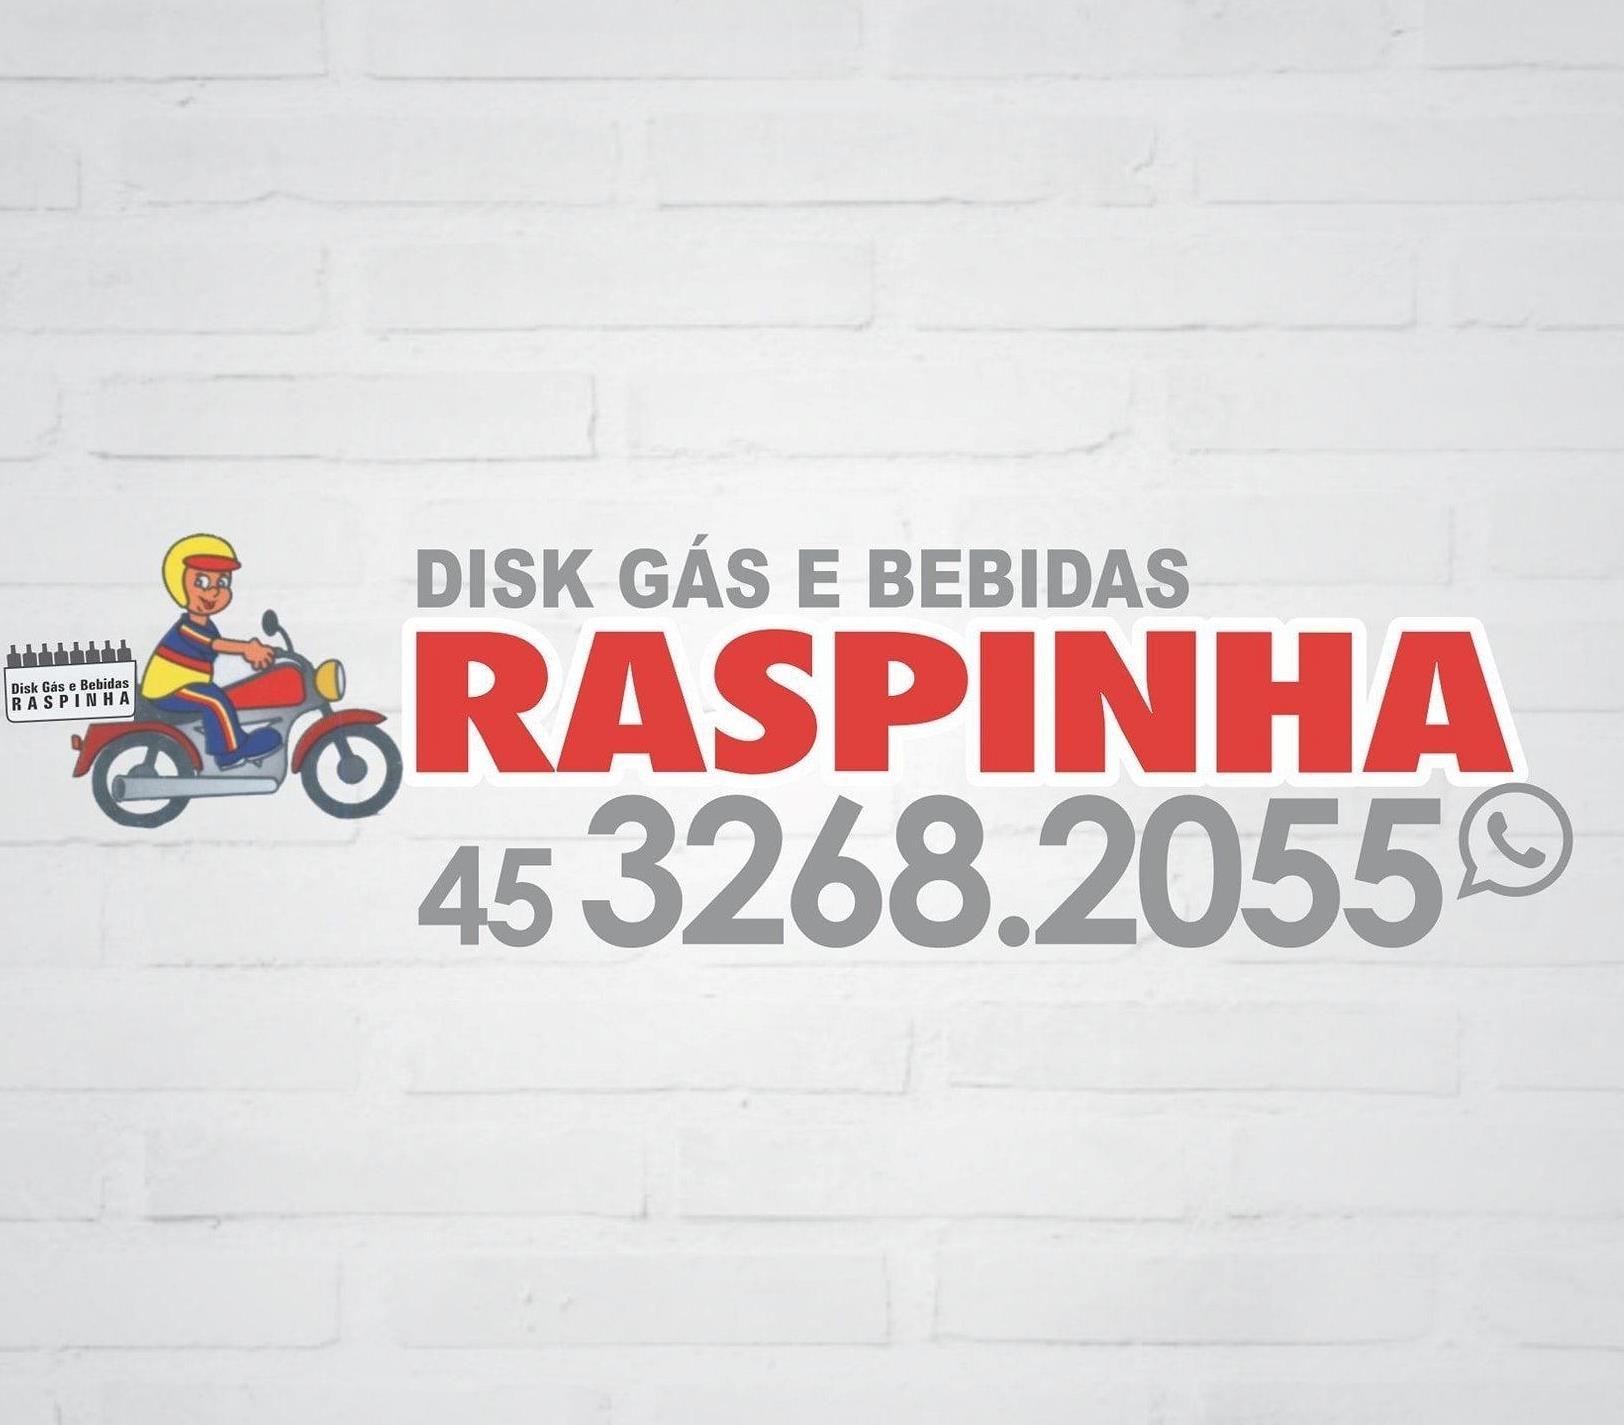 RASPINHA BEBIDAS MAIO 2021